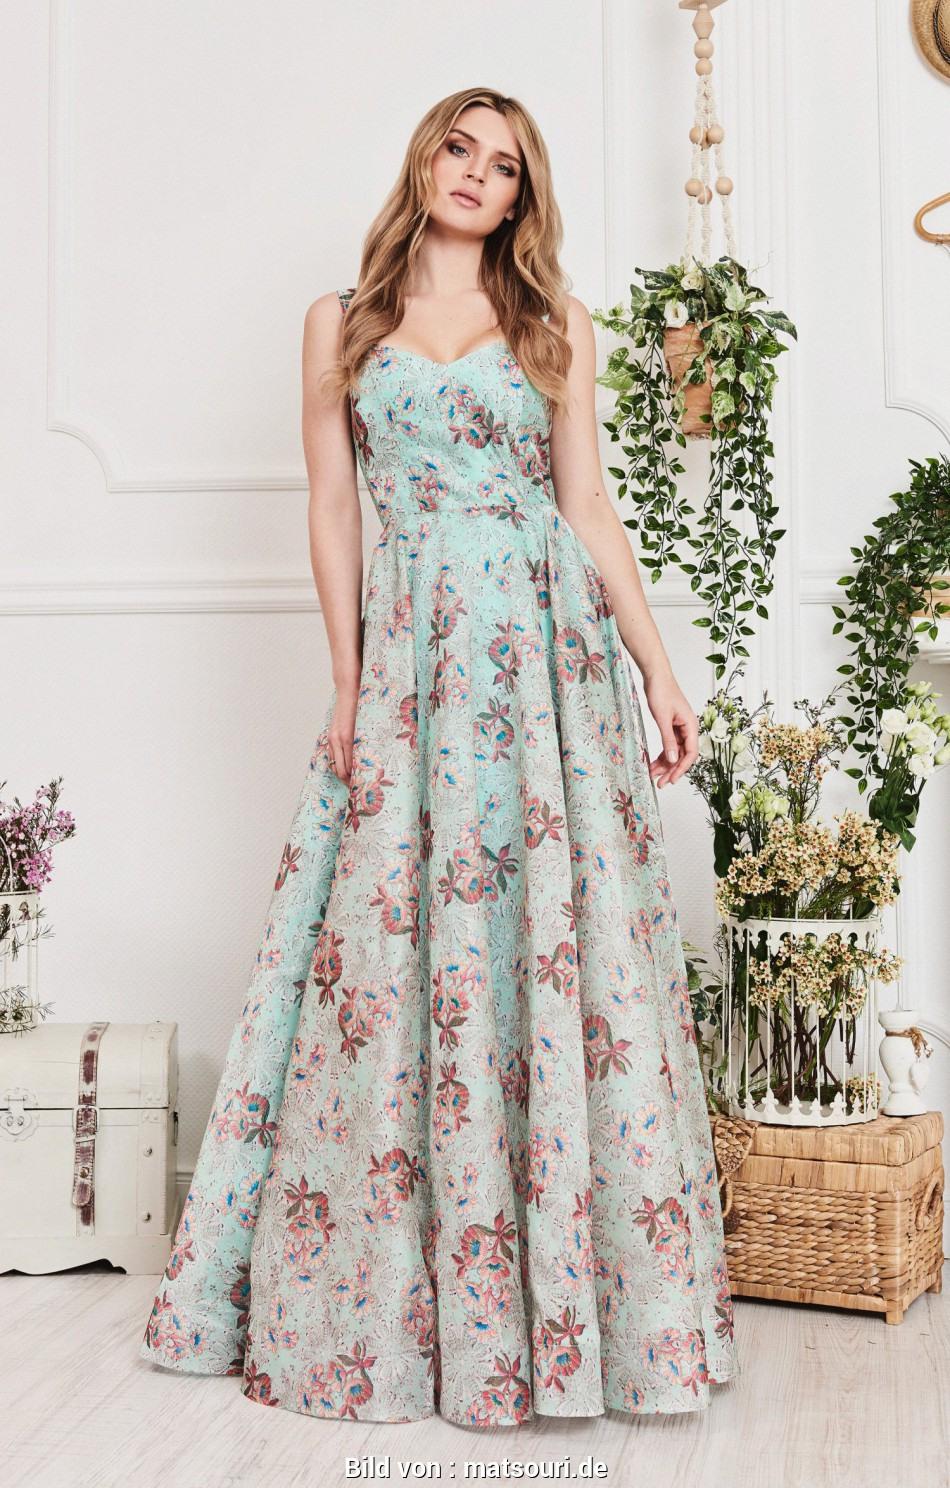 13 Perfekt Abend Kleider Second Hand für 2019Designer Elegant Abend Kleider Second Hand Stylish